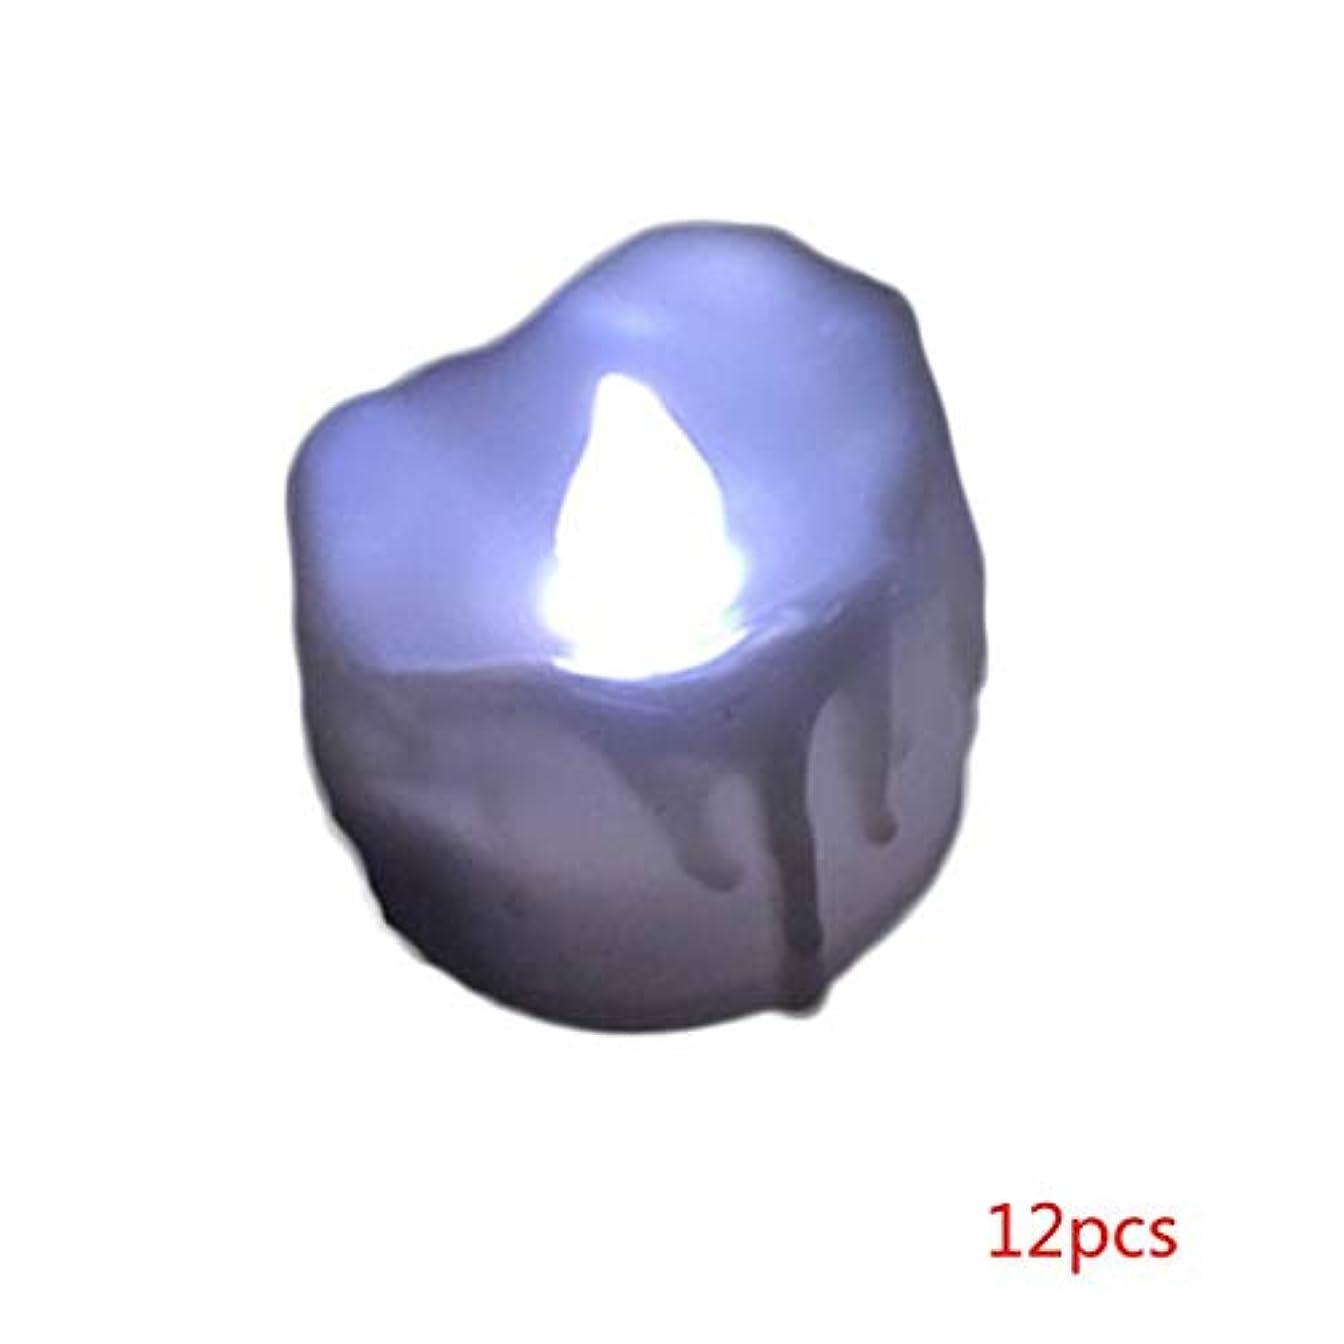 増幅する老朽化した明確なKOROWA LEDキャンドルライト リアル感 火を使わない 安全 省エネ 長持ち 便利 おしゃれ クリスマス 誕生日 室内 室外飾り インテリアライト(12個セット)